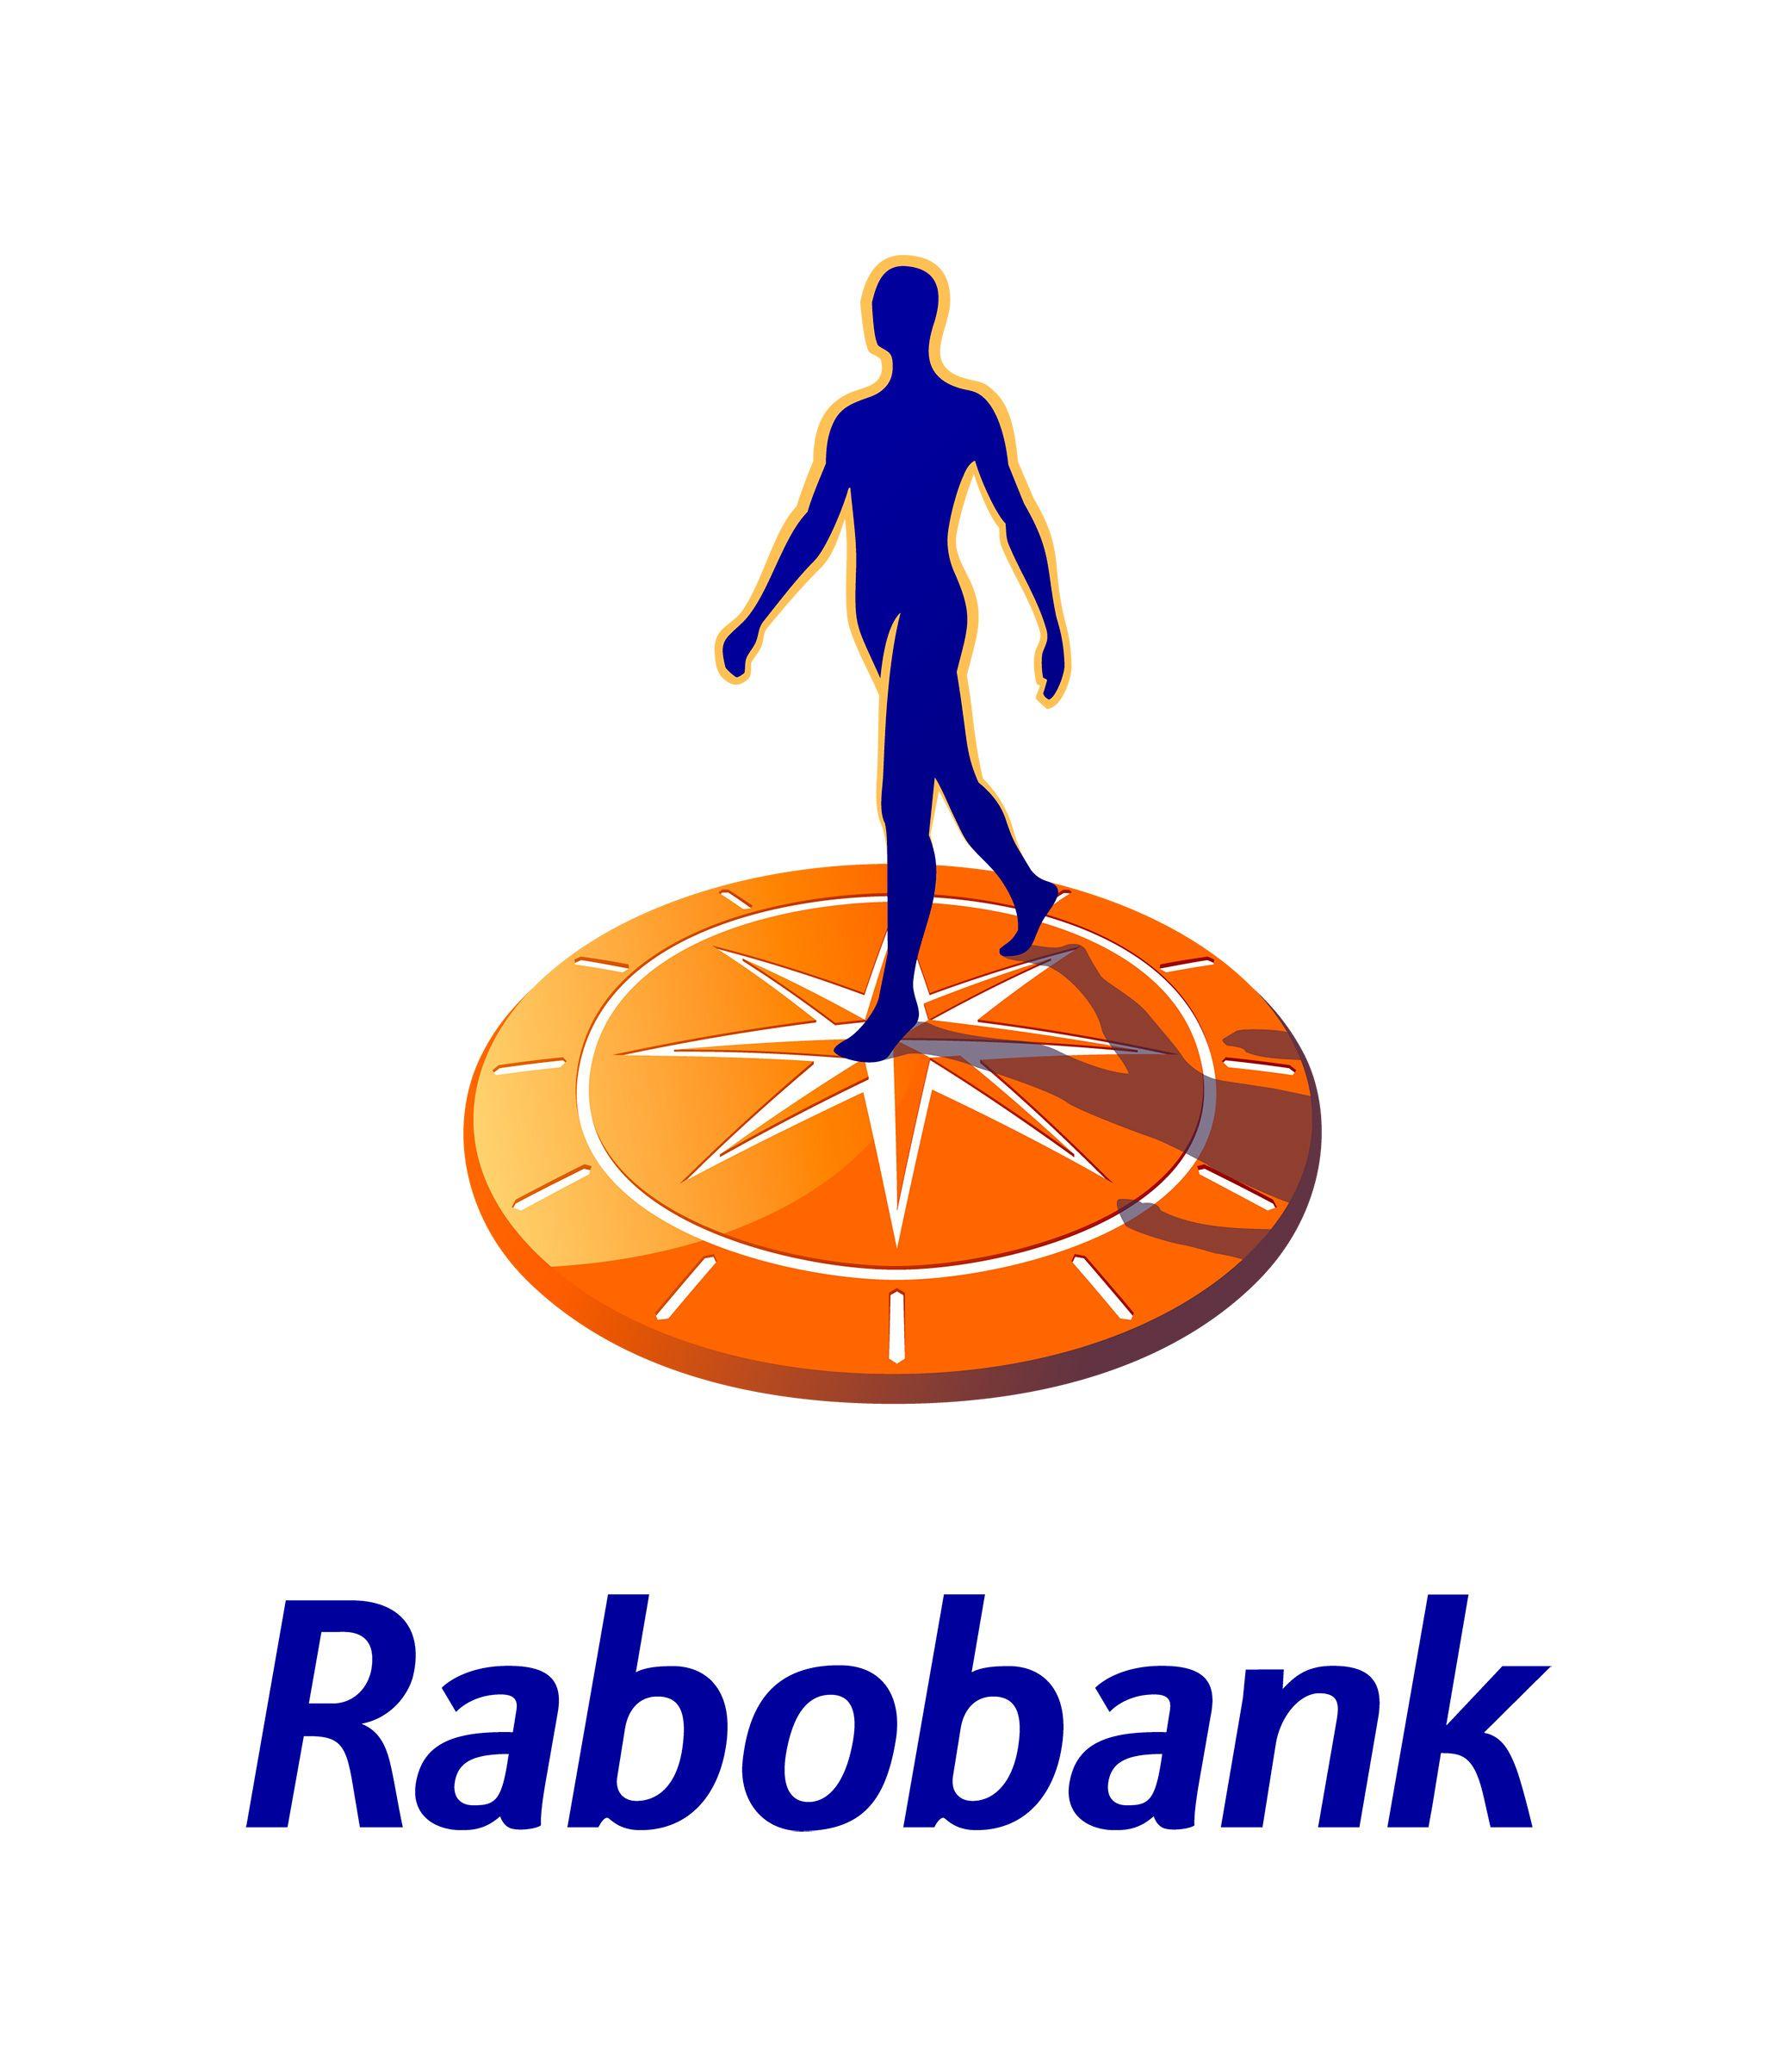 Rabobank IJsselmonde / Drechtsteden gratis toegangskaartje